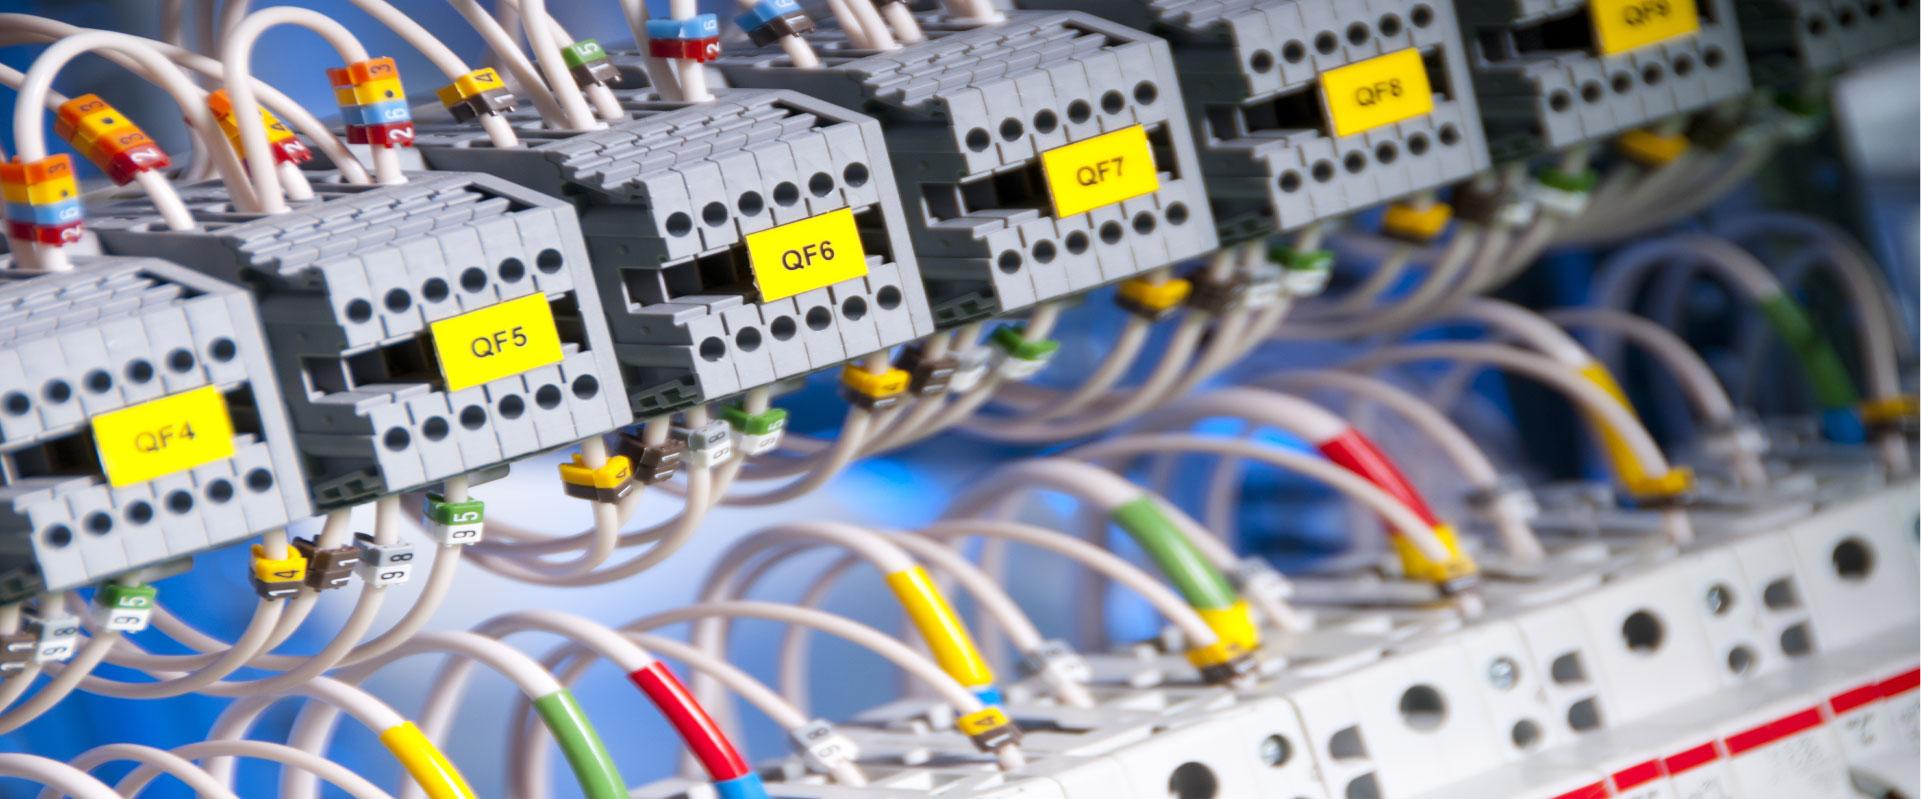 ηλεκτρολογική μηχανικη-page